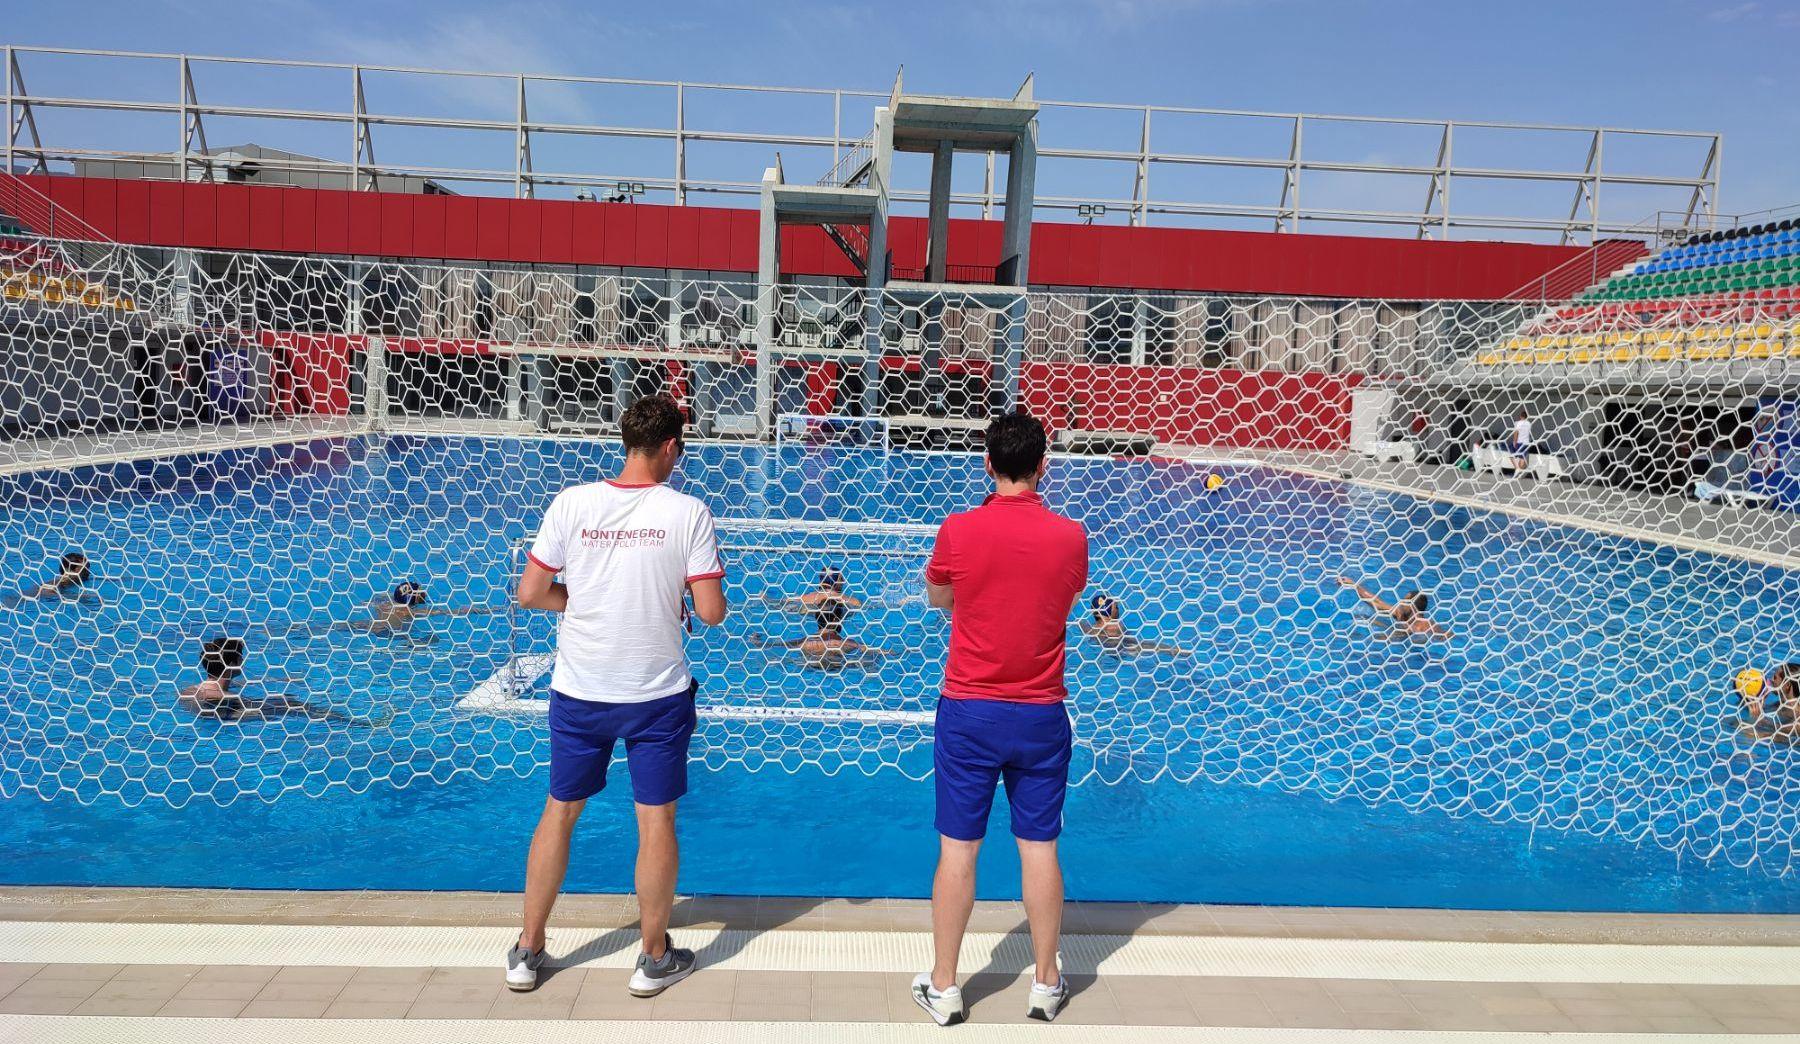 Ajkule odradile prvi trening u Tbilisiju